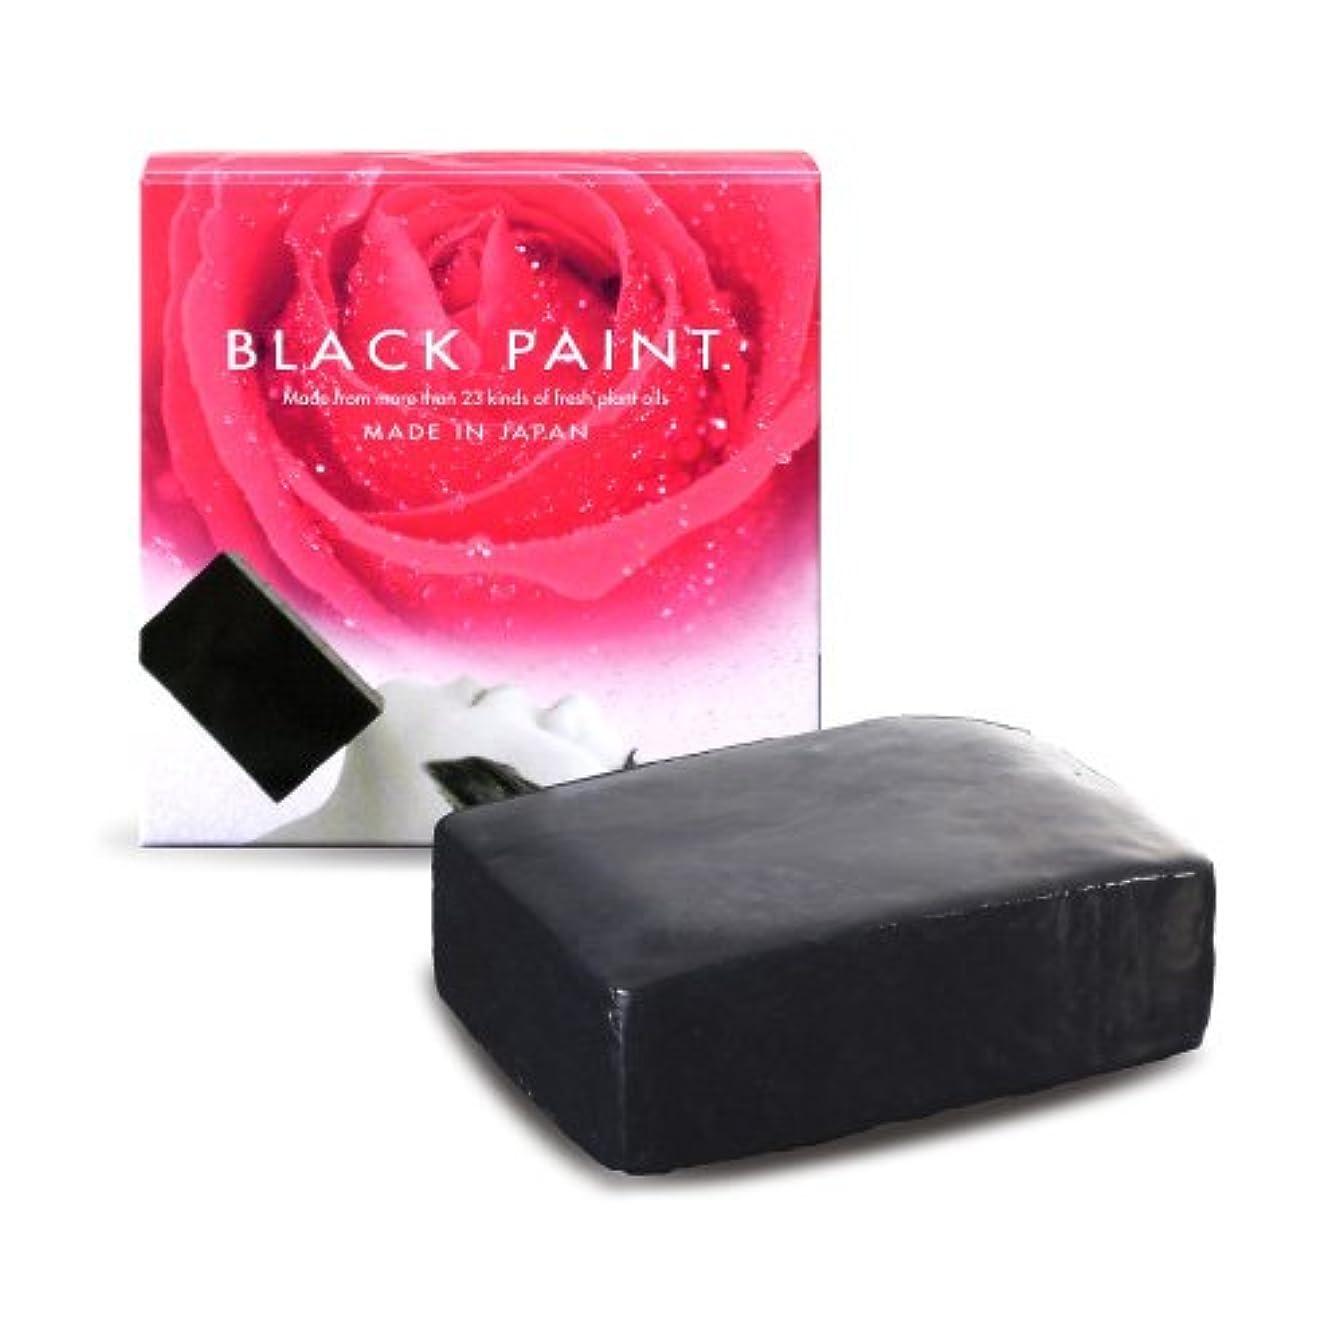 選挙最大の才能ブラックペイント 60g ハーフサイズ 塗る洗顔 石鹸 無添加 国産